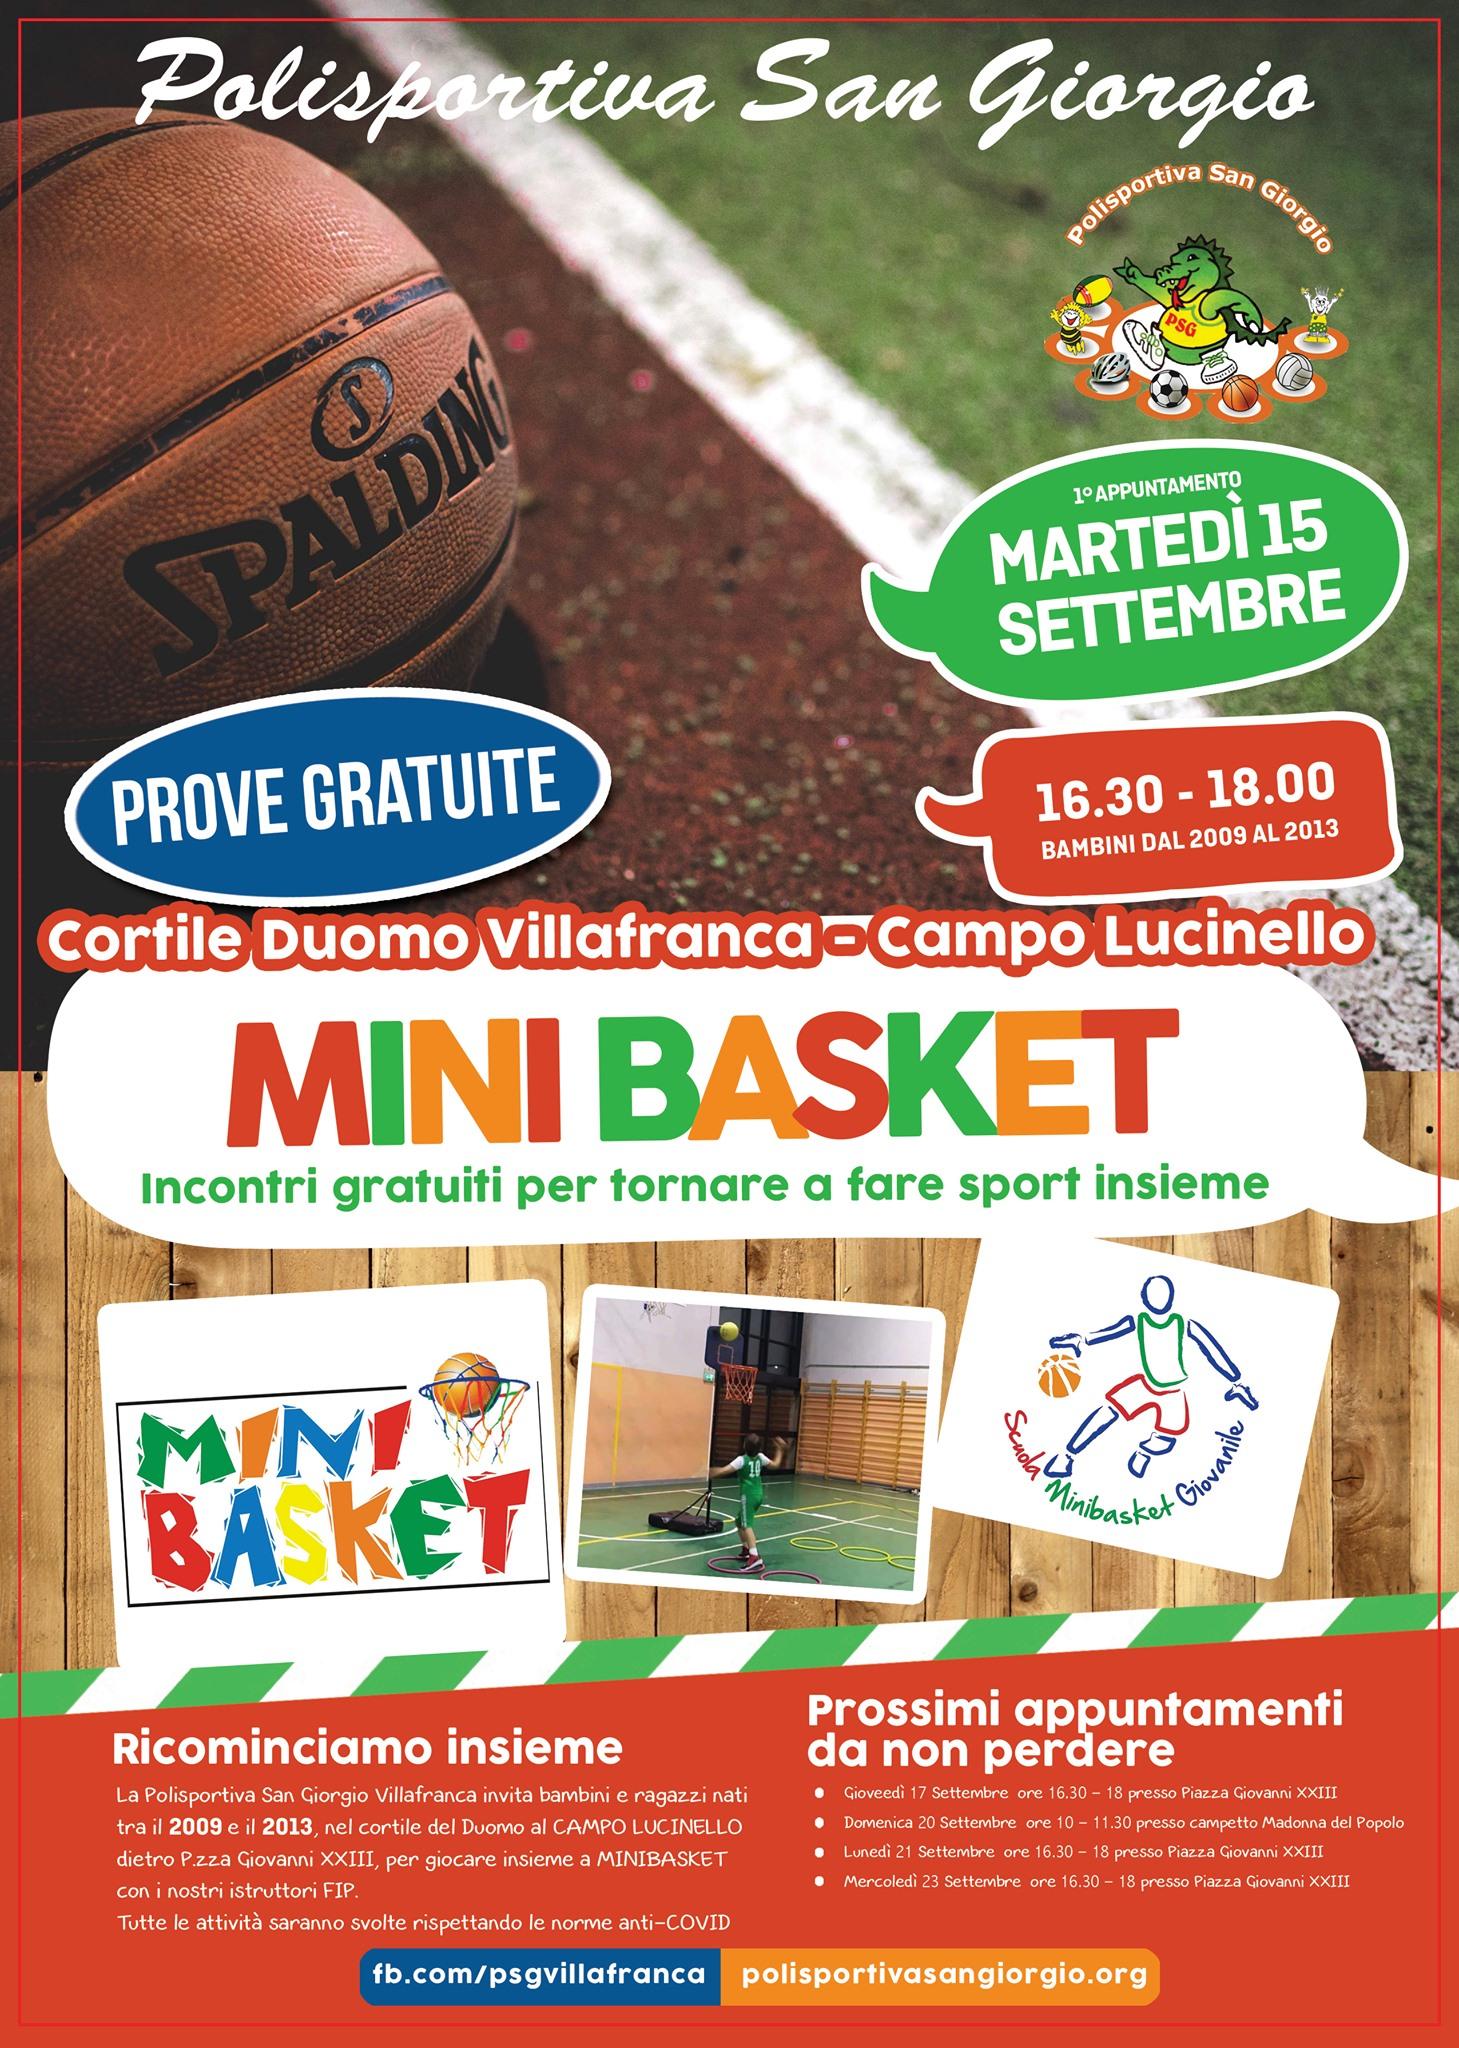 minibasket 15-09